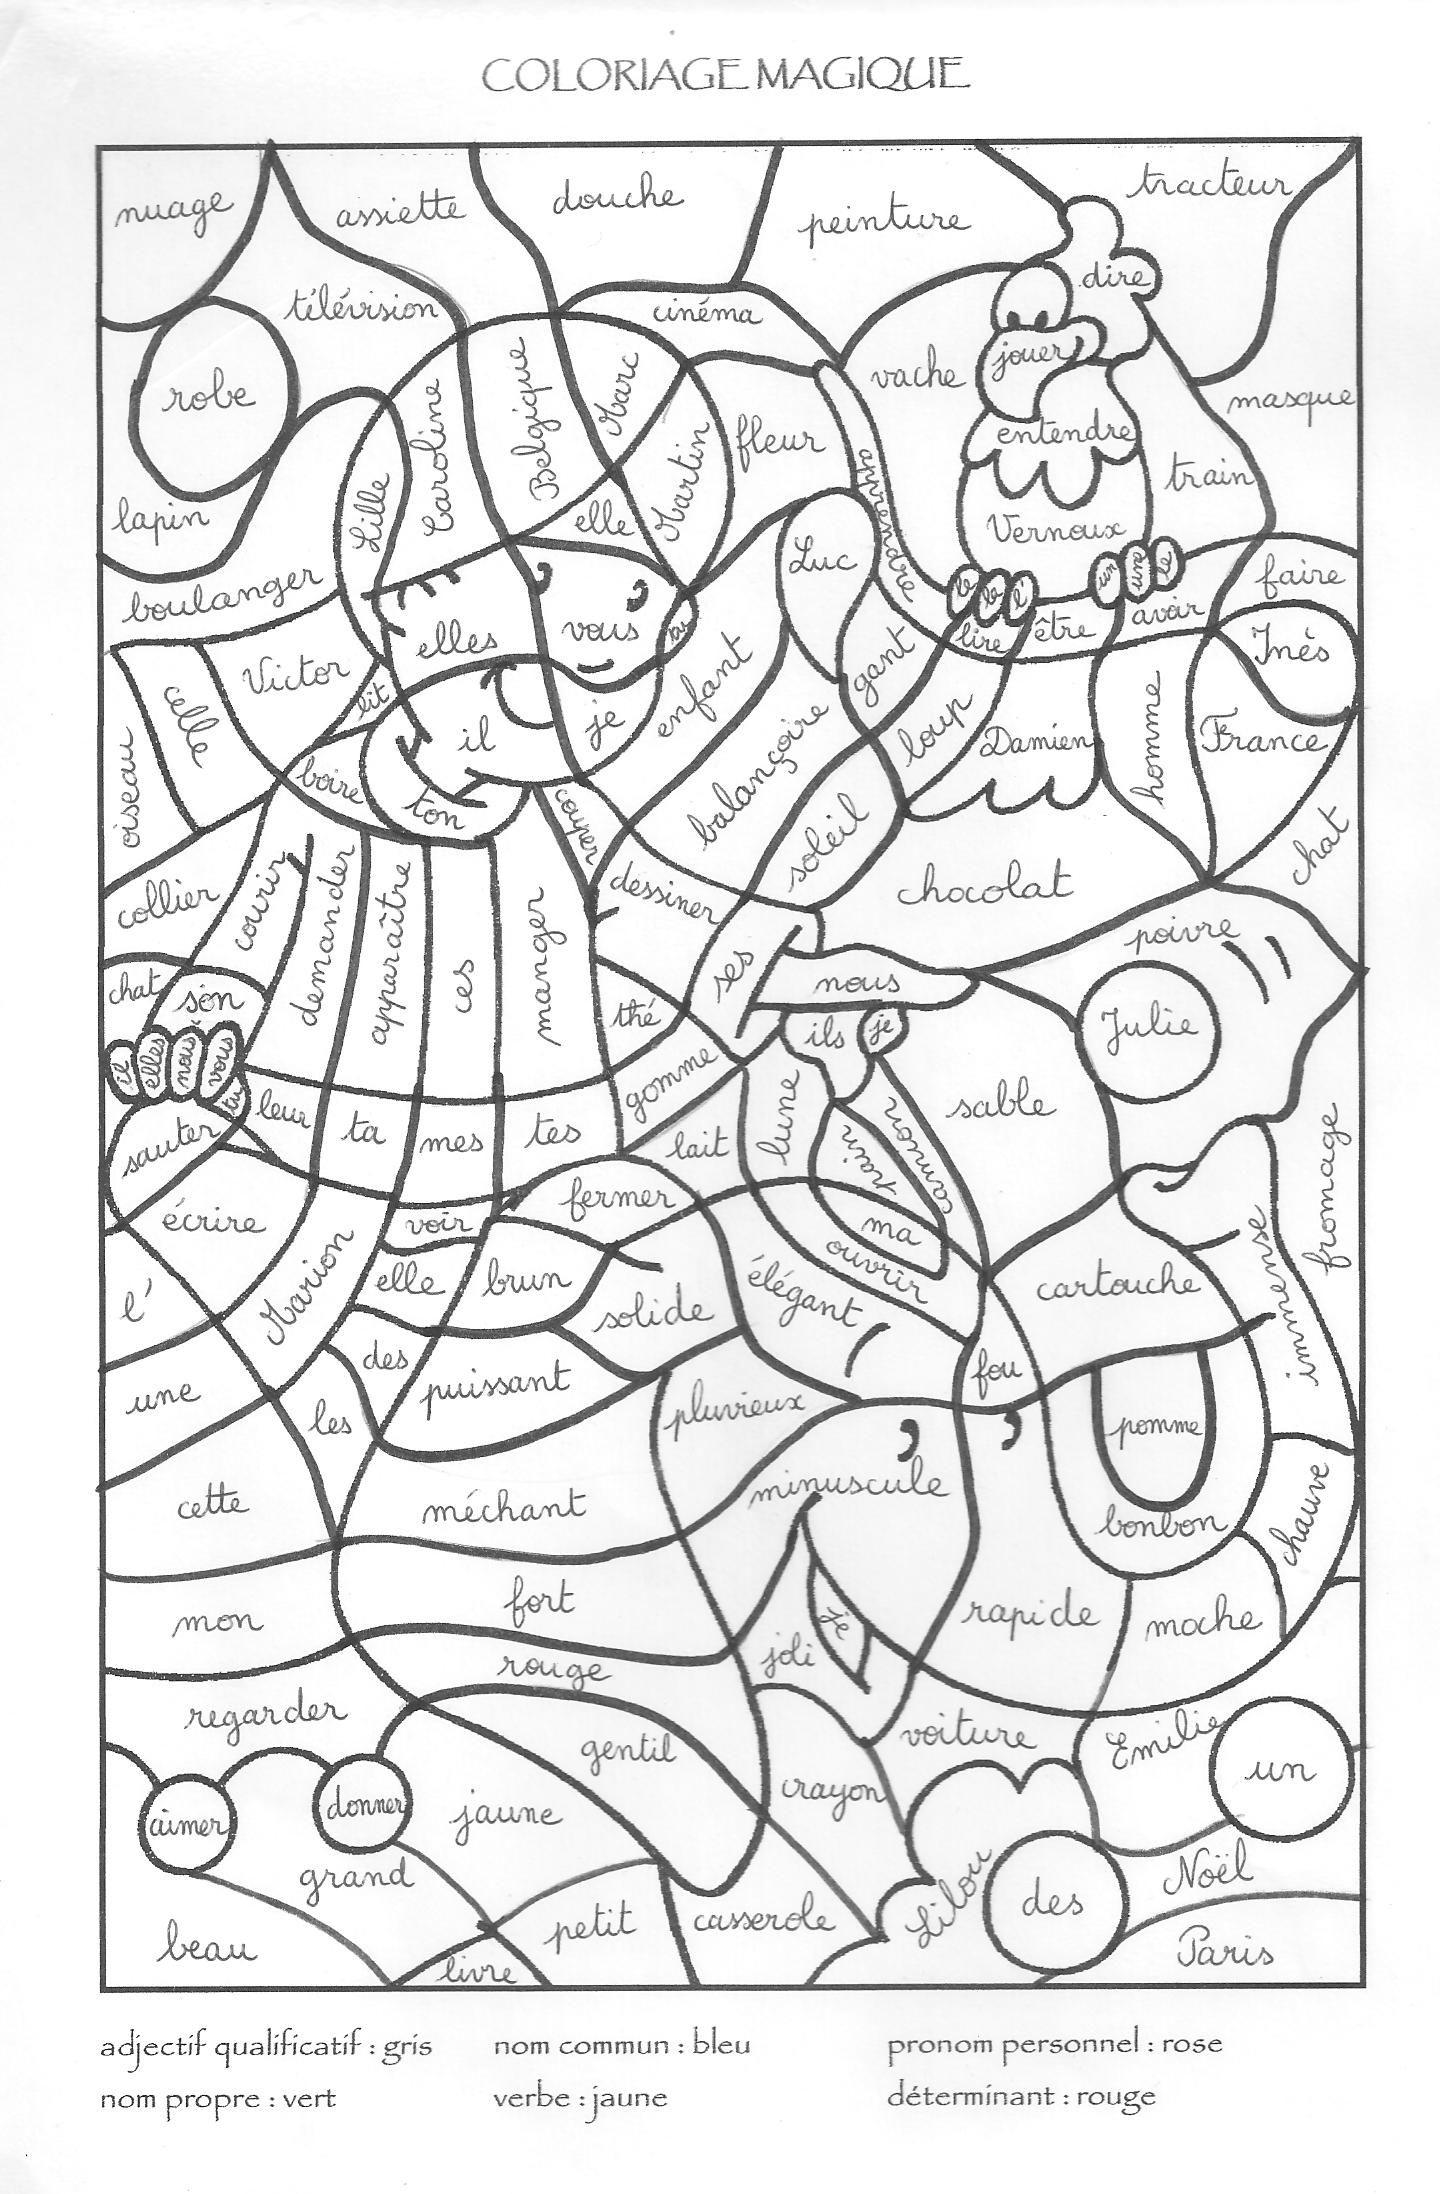 Coloriage Magique | Coloriage Magique Cm2, Coloriage Magique concernant Coloriage Magique A Imprimer Ce2 Gratuit